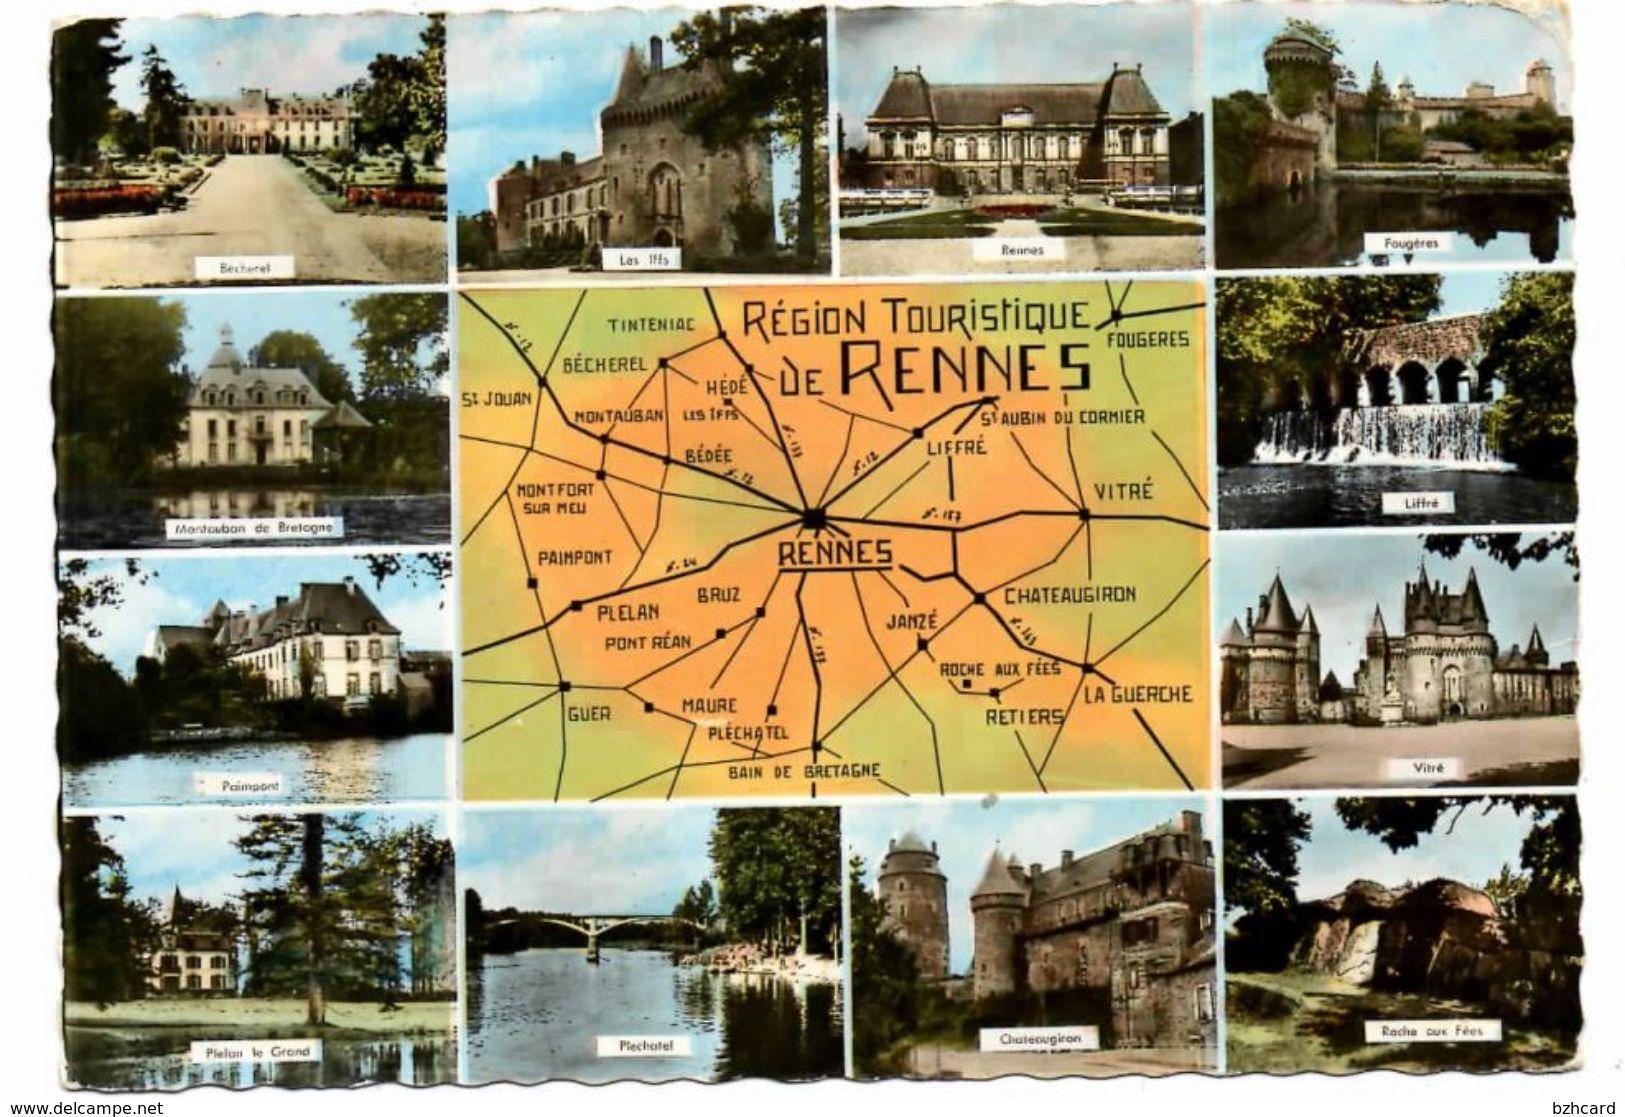 Paimpont, Plelan Le Grand, Plechatel, Chateaugiron,Vitré, Liffré, Les Iffs, Rennes , Bécherel, Liffré, Fougères - Fougeres